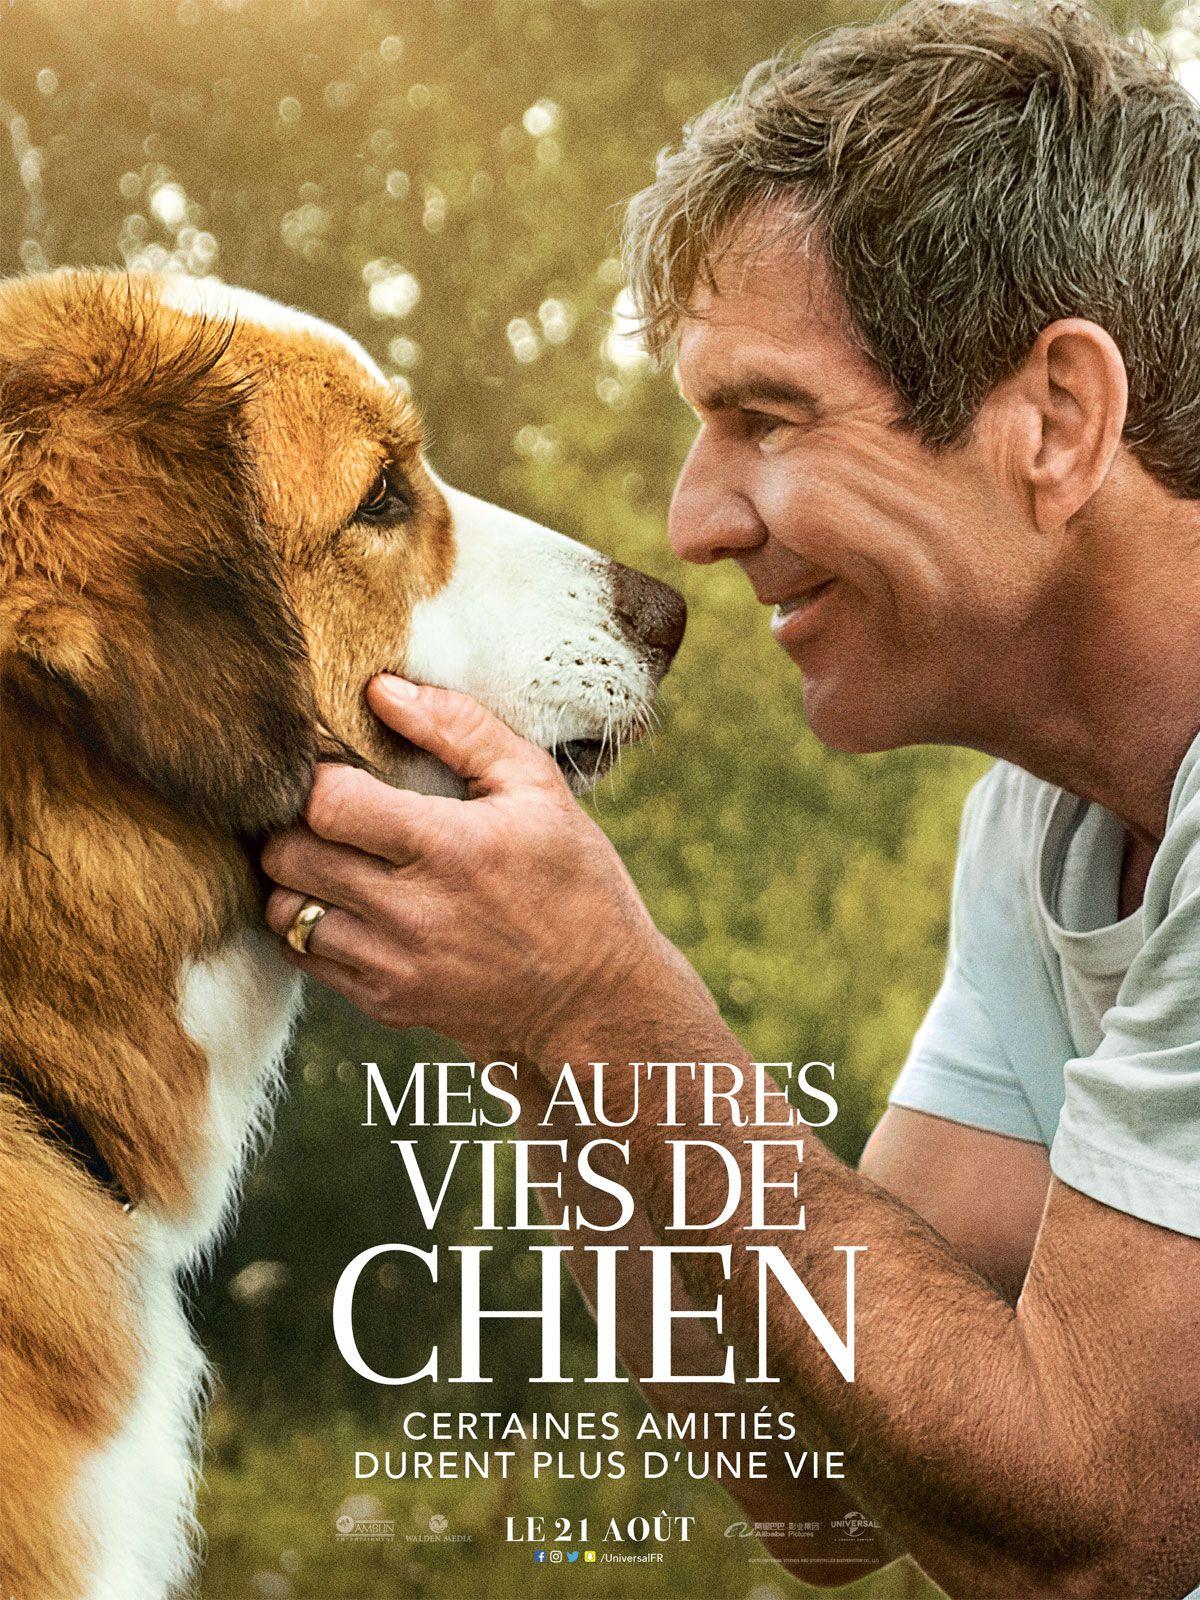 Mes autres vies de chien - Film (2019)